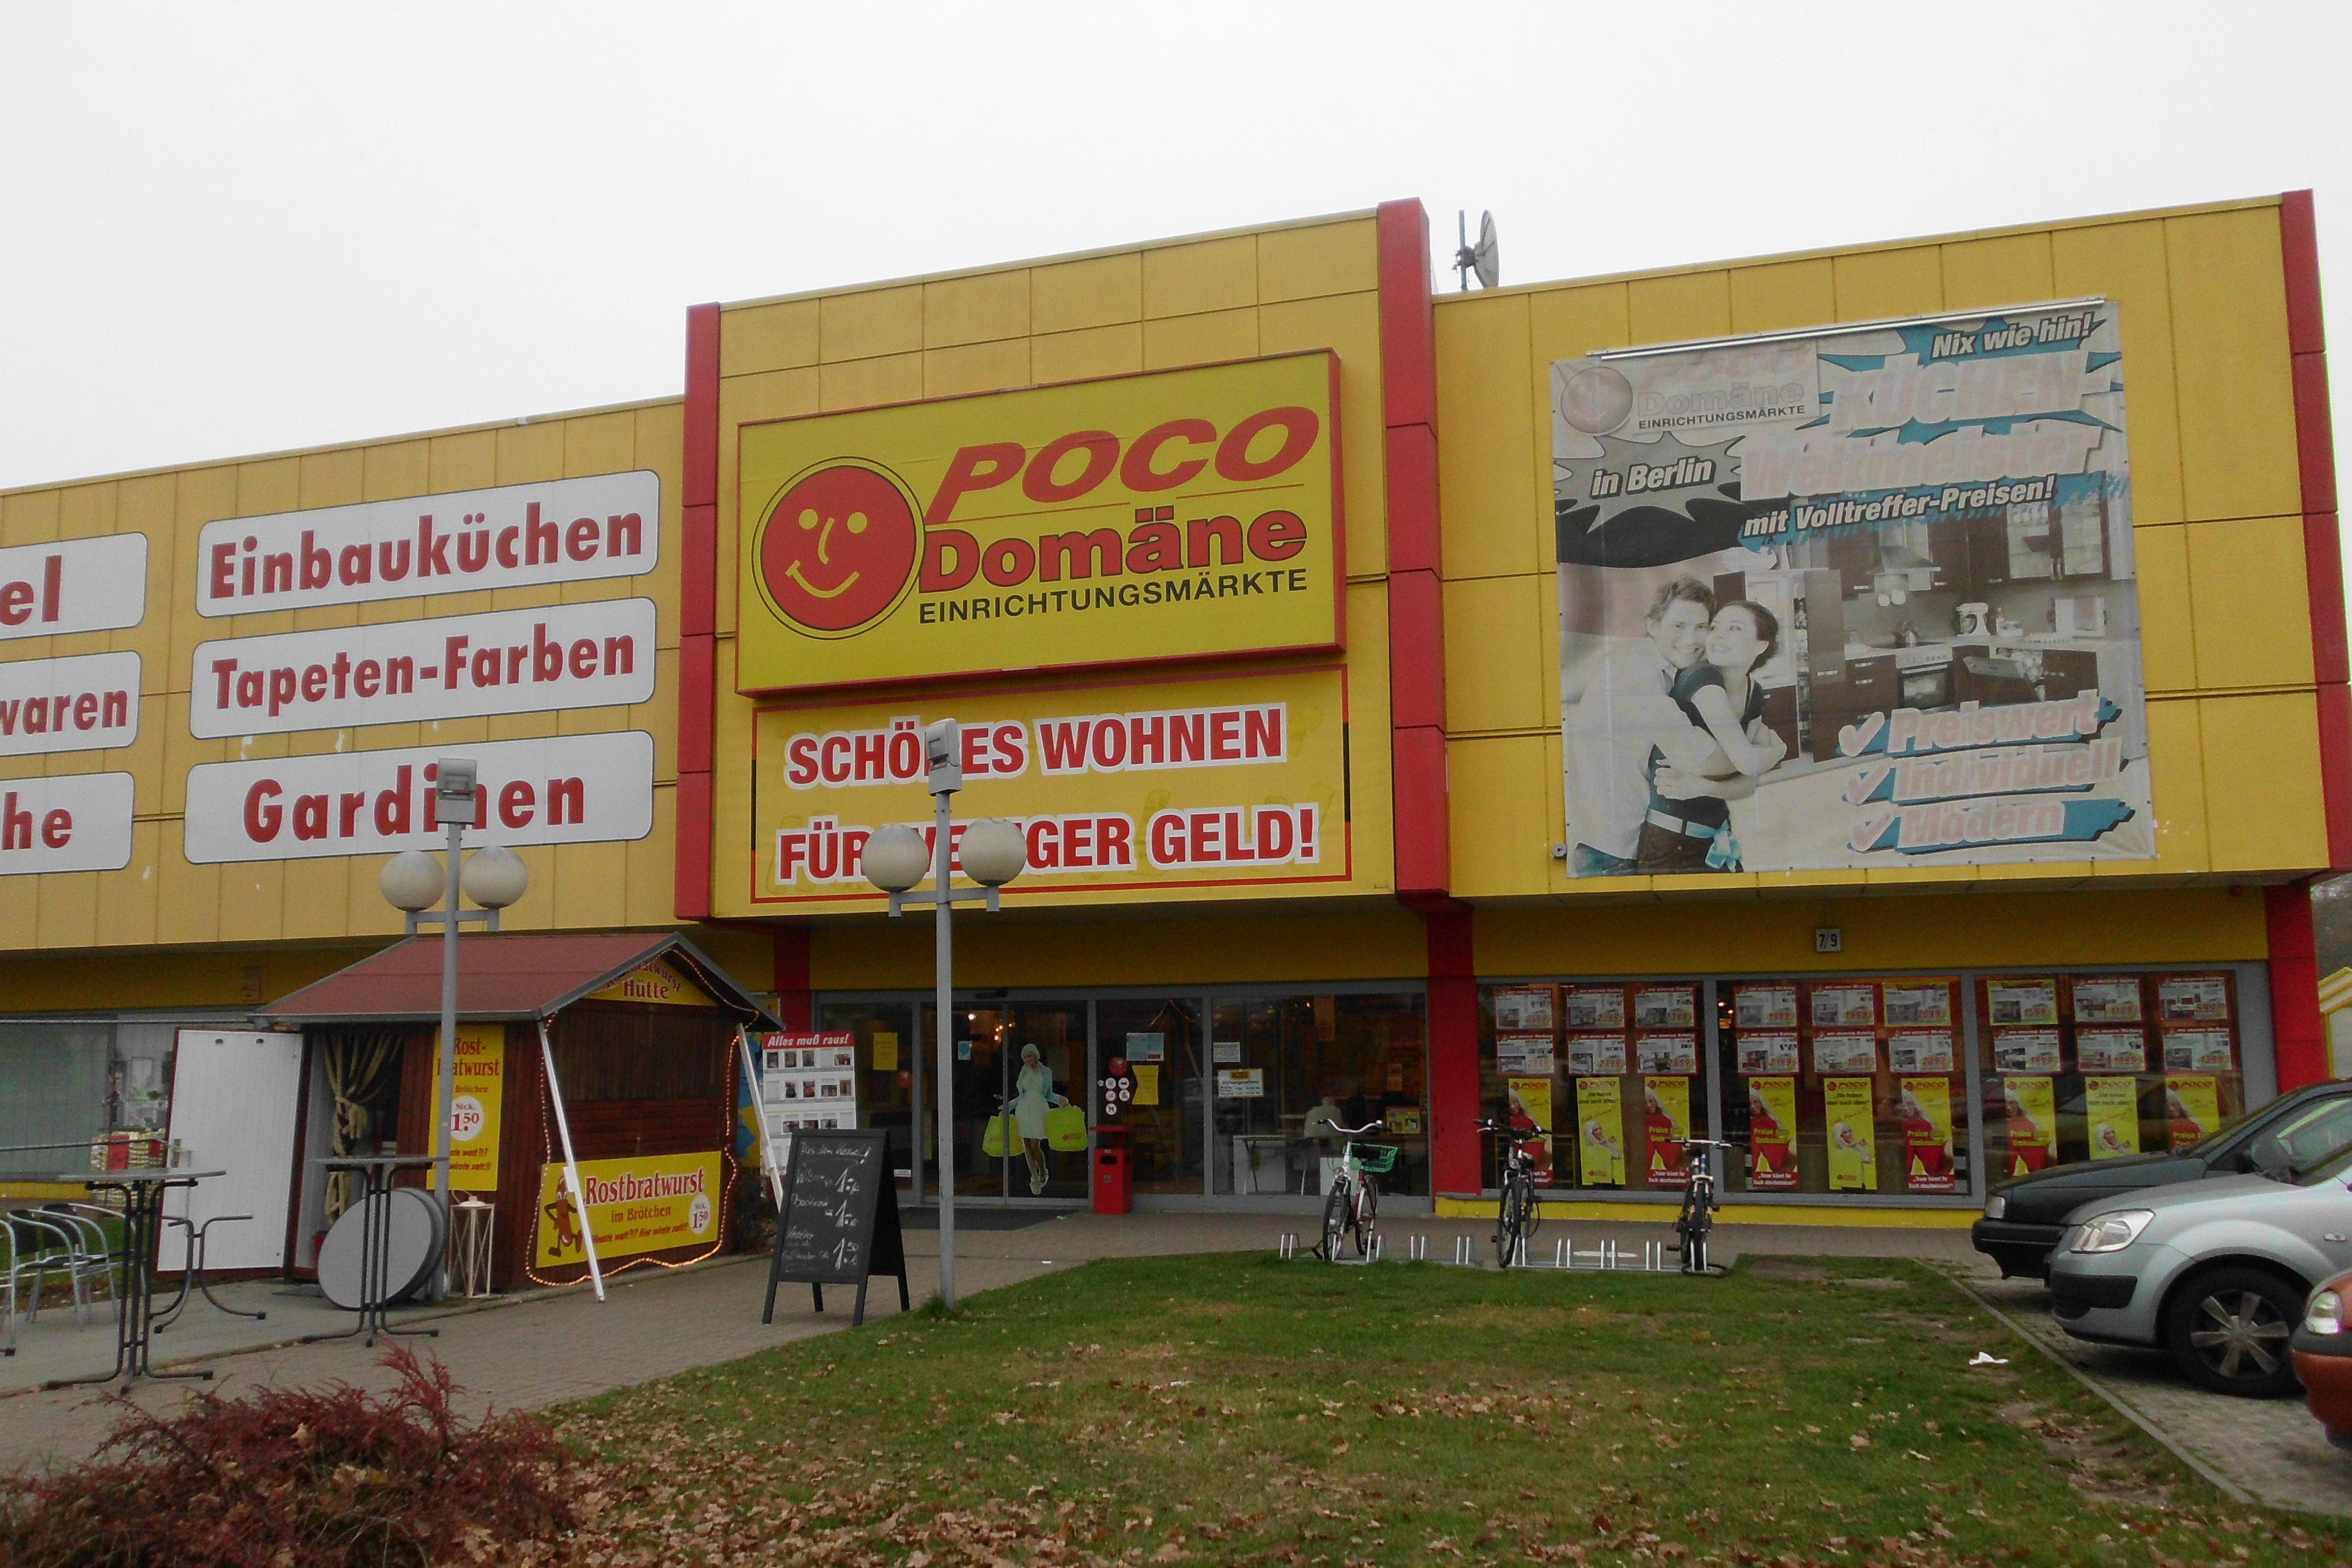 Poco Domäne Einrichtungsmärkte Gmbh Co Kg 12349 Berlin Britz